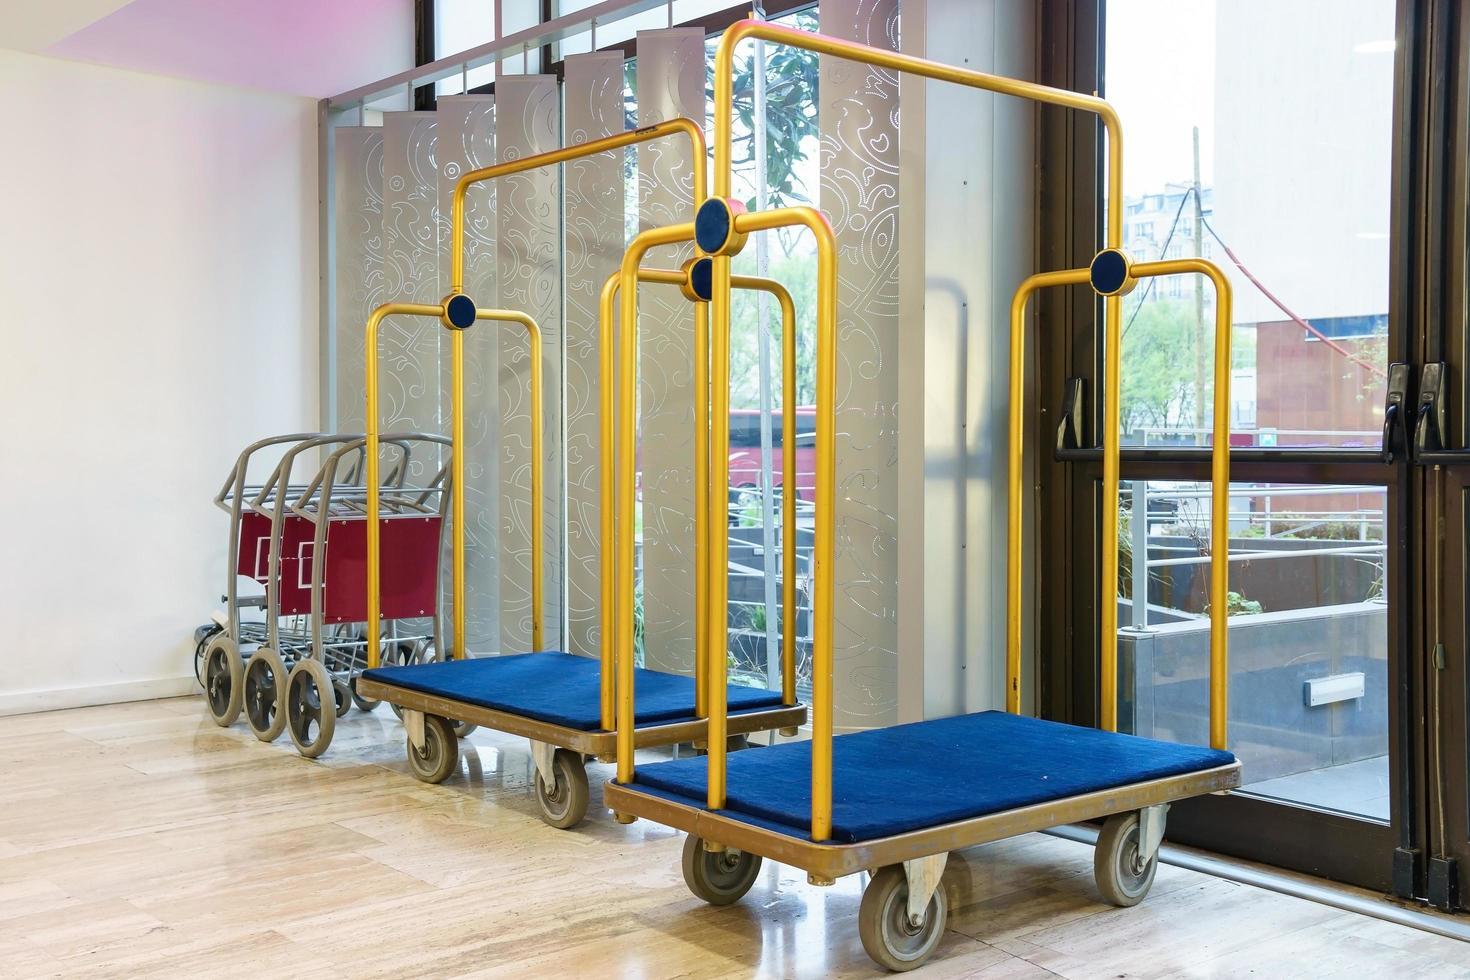 carrelli portabagagli o carrelli portabagagli per alberghi foto